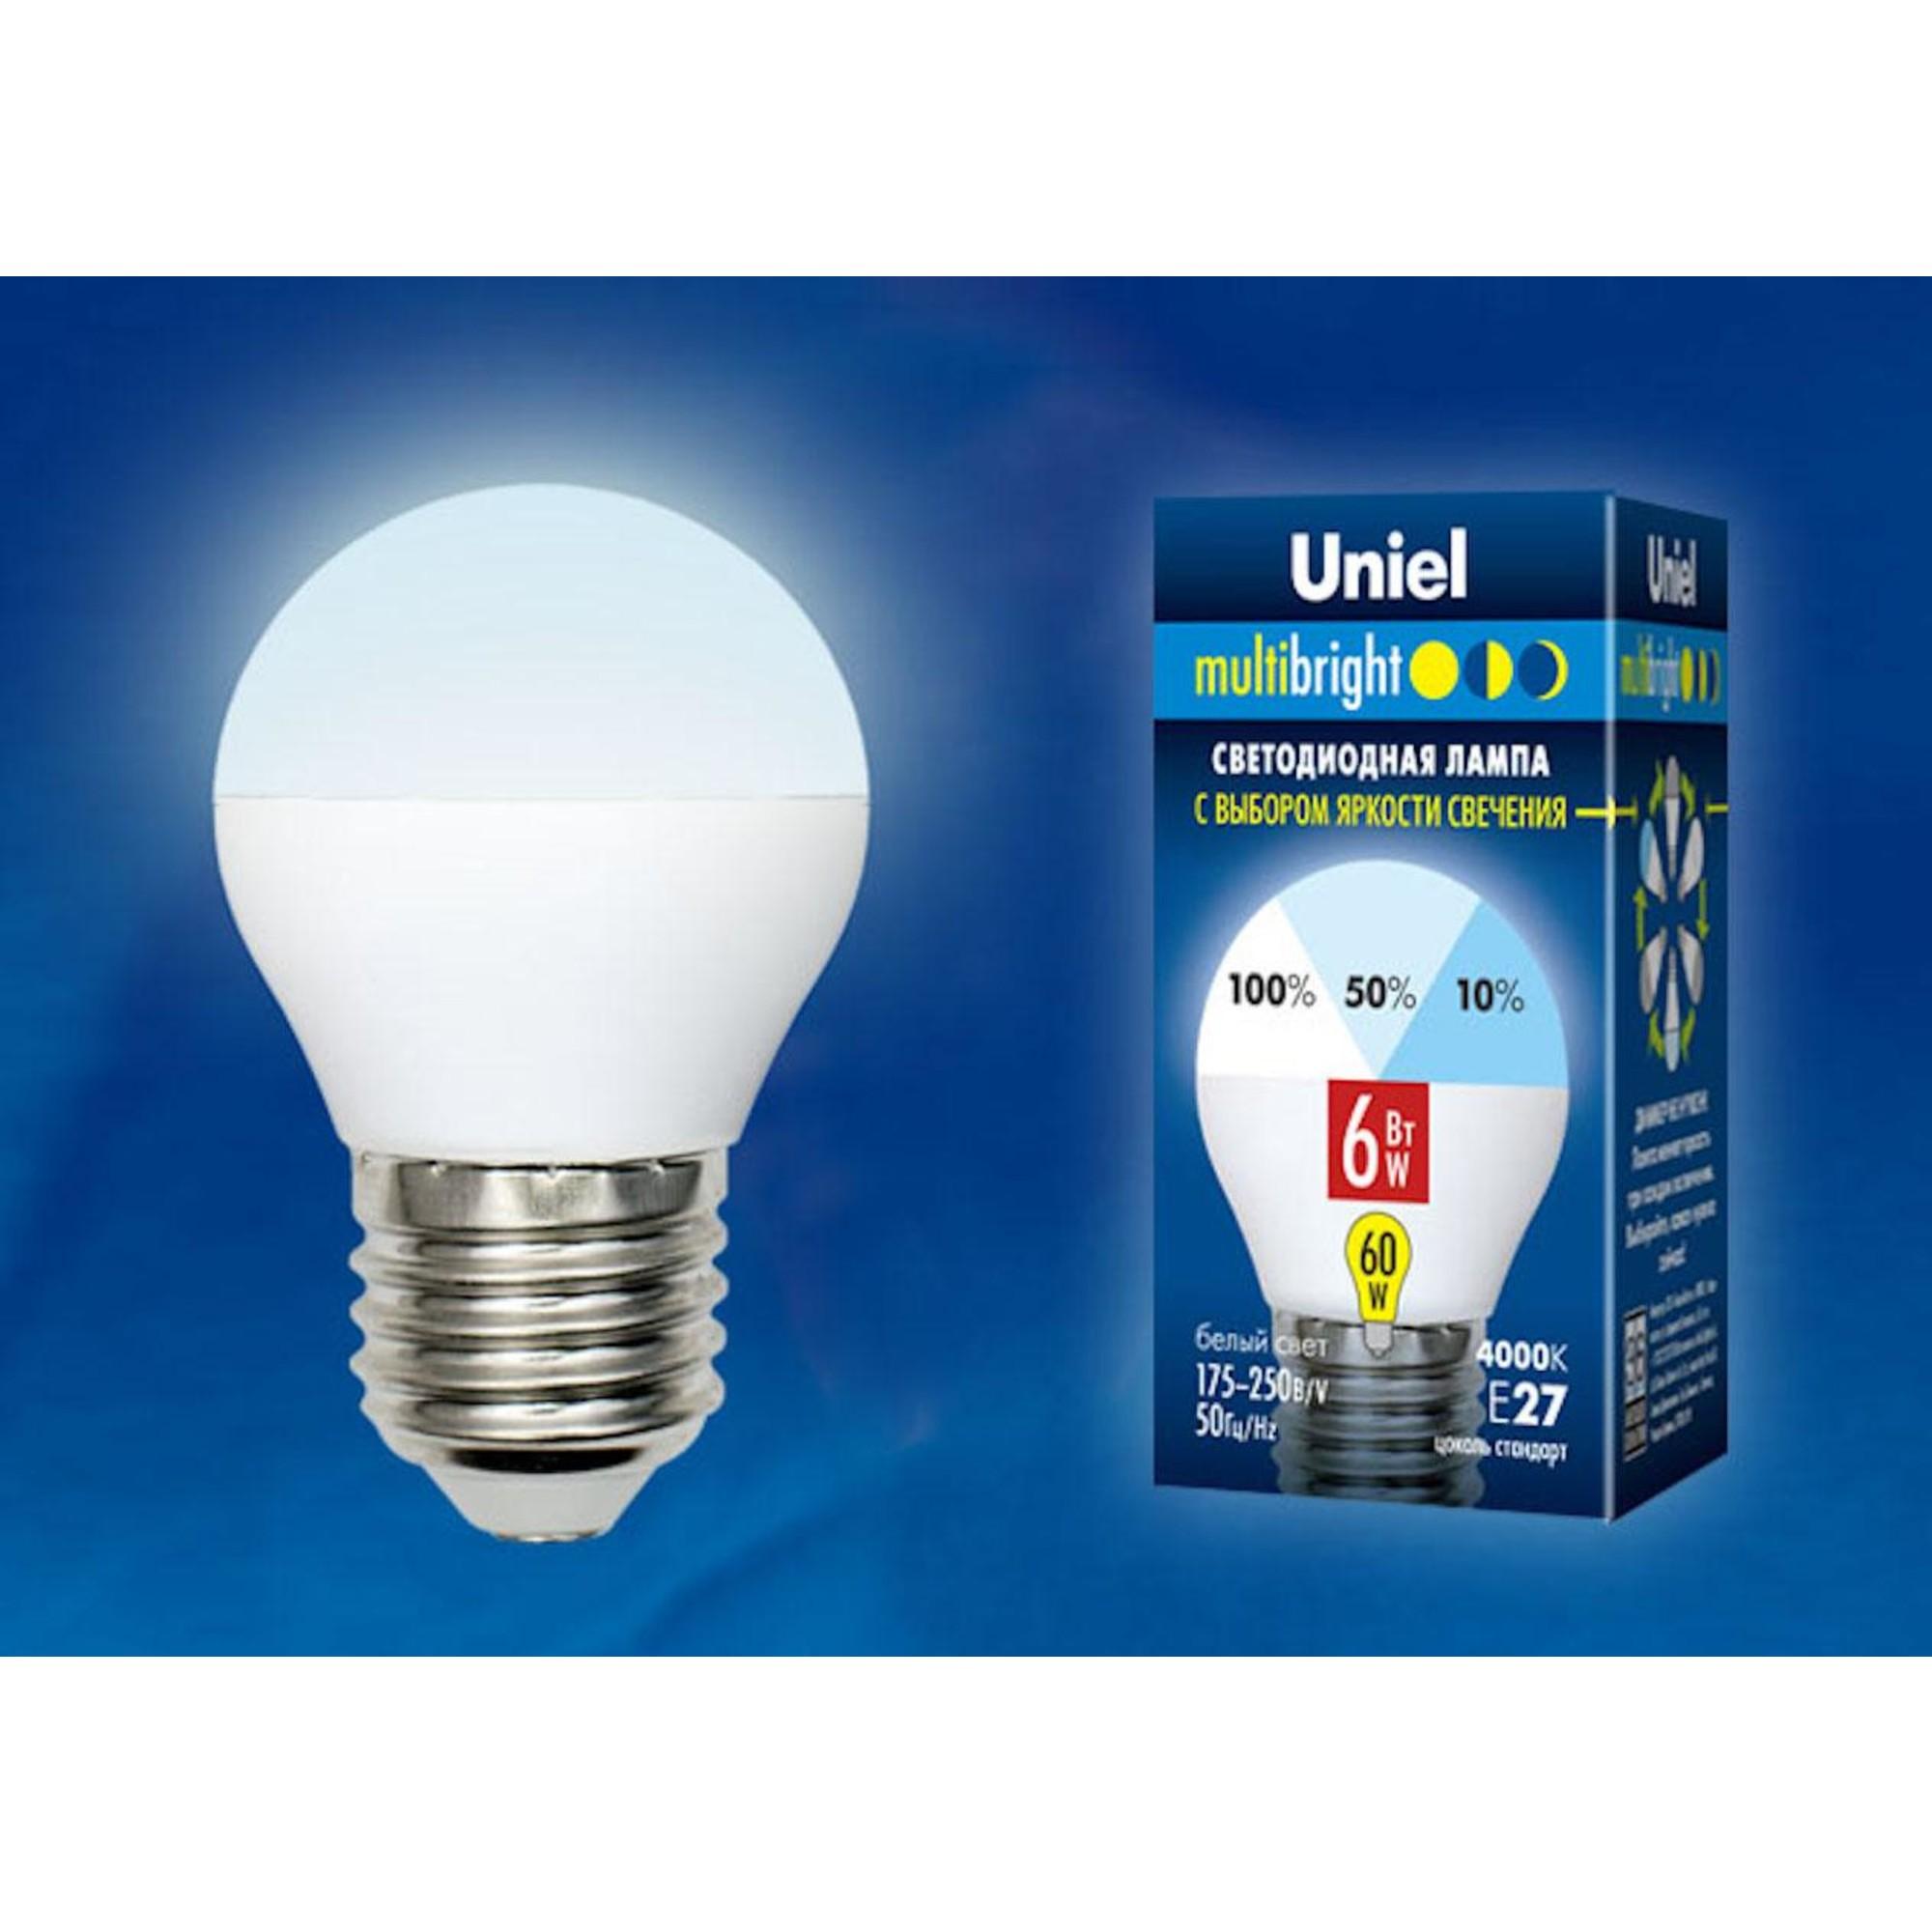 Светодиодная лампочка Uniel LED-G45-6W Multibright UL-00002378